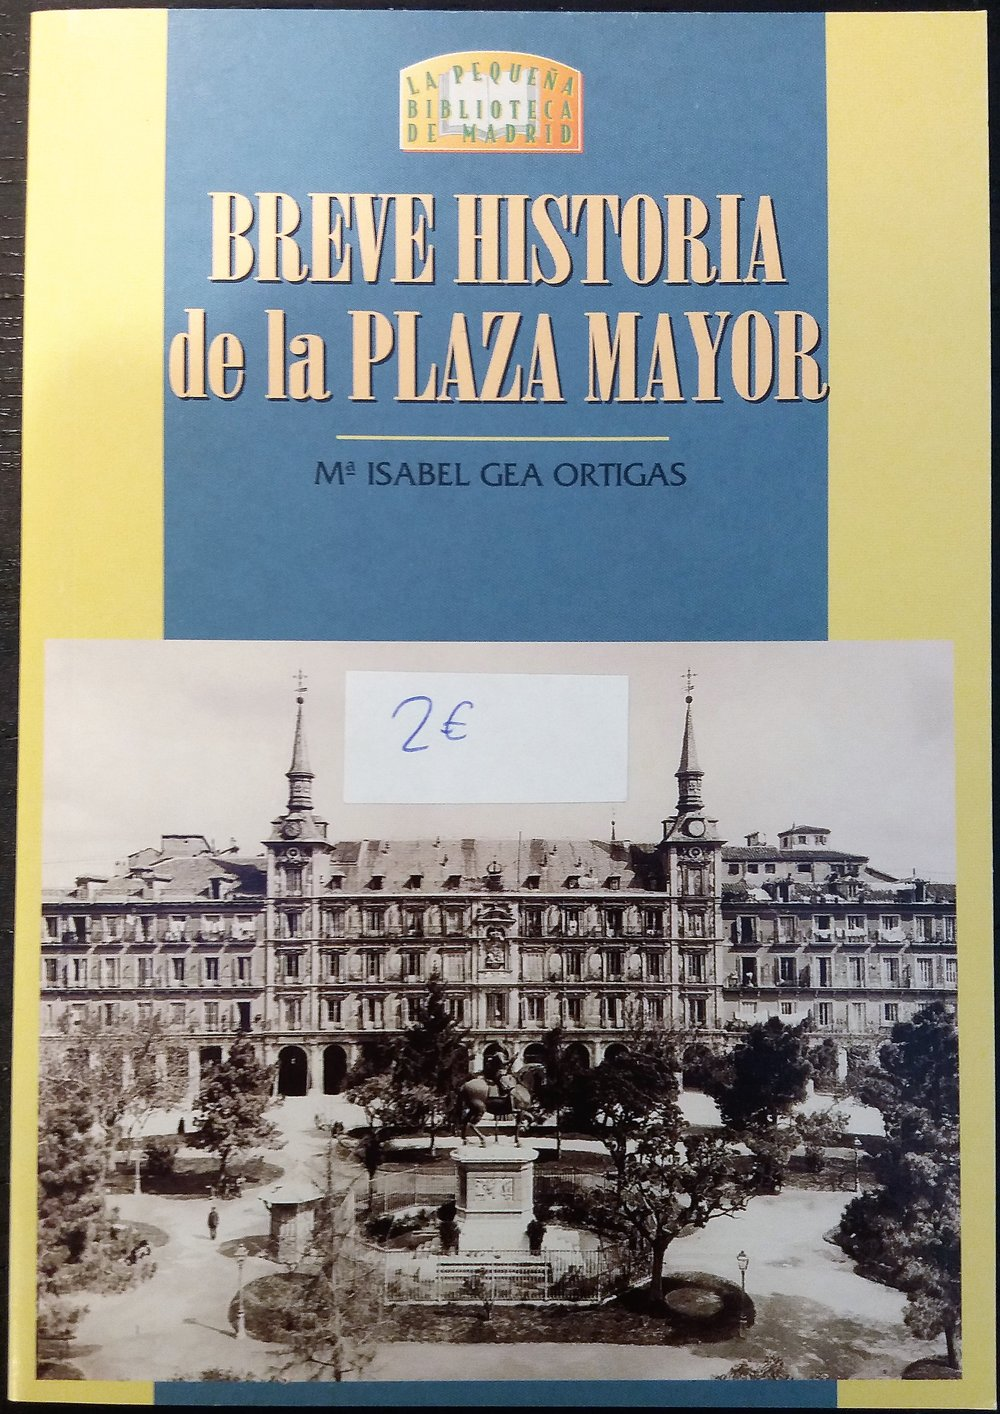 GEA ORTIGAS, Mª Isabel. Breve historia de la Plaza Mayor. Madrid:LaLibrería,1999.